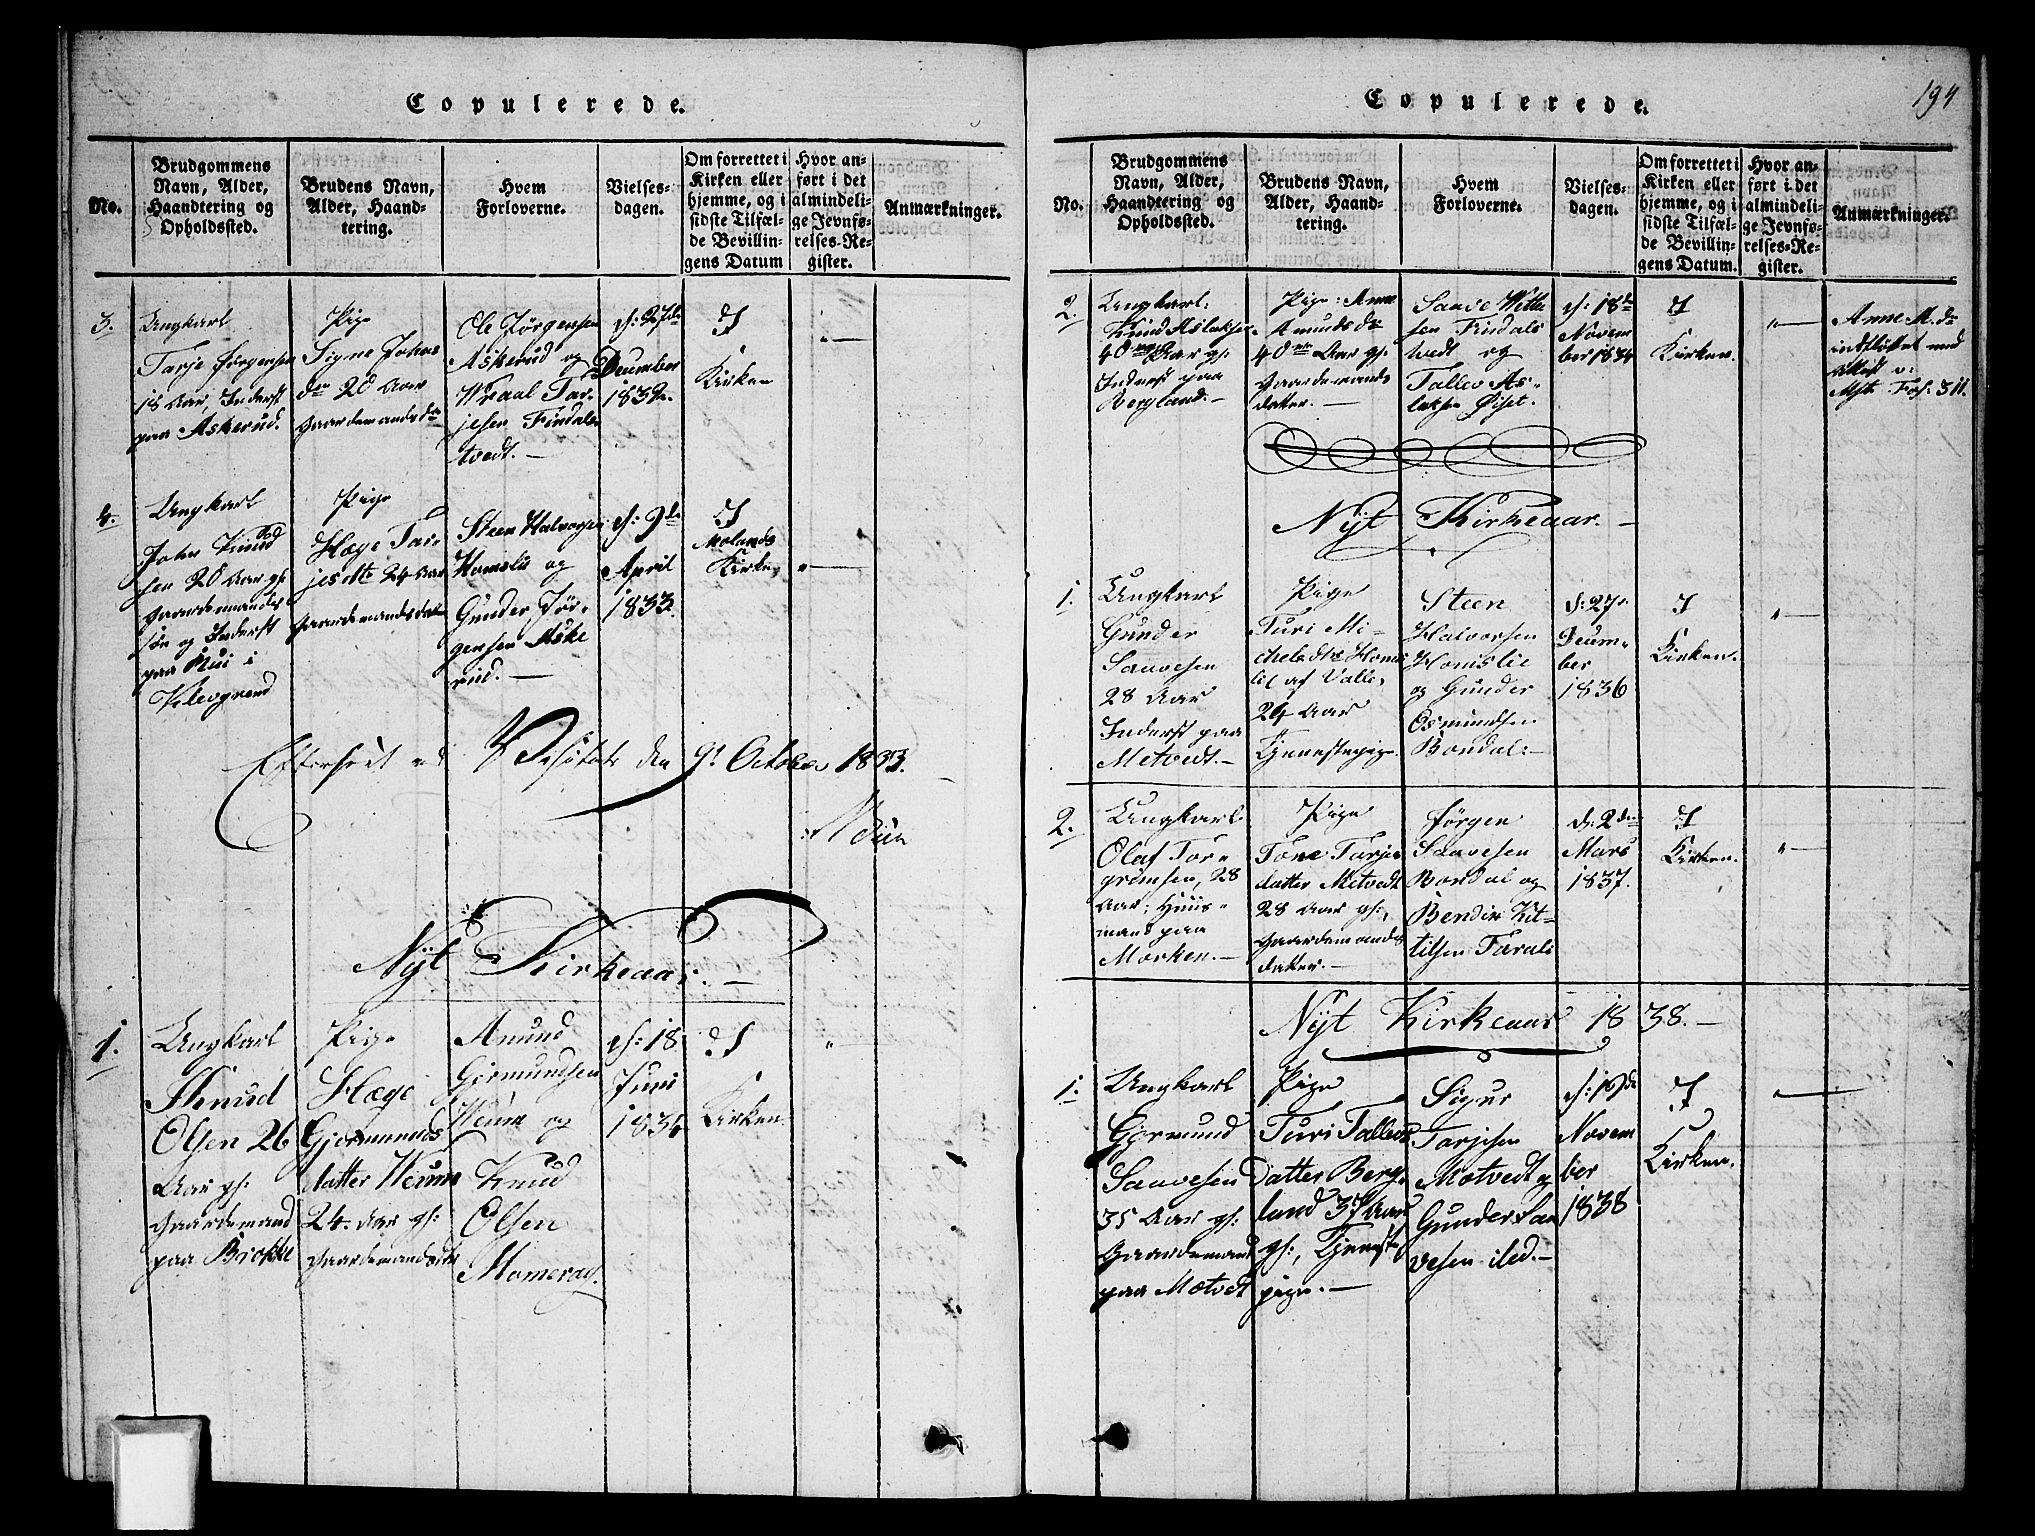 SAKO, Fyresdal kirkebøker, G/Ga/L0002: Klokkerbok nr. I 2, 1815-1857, s. 194